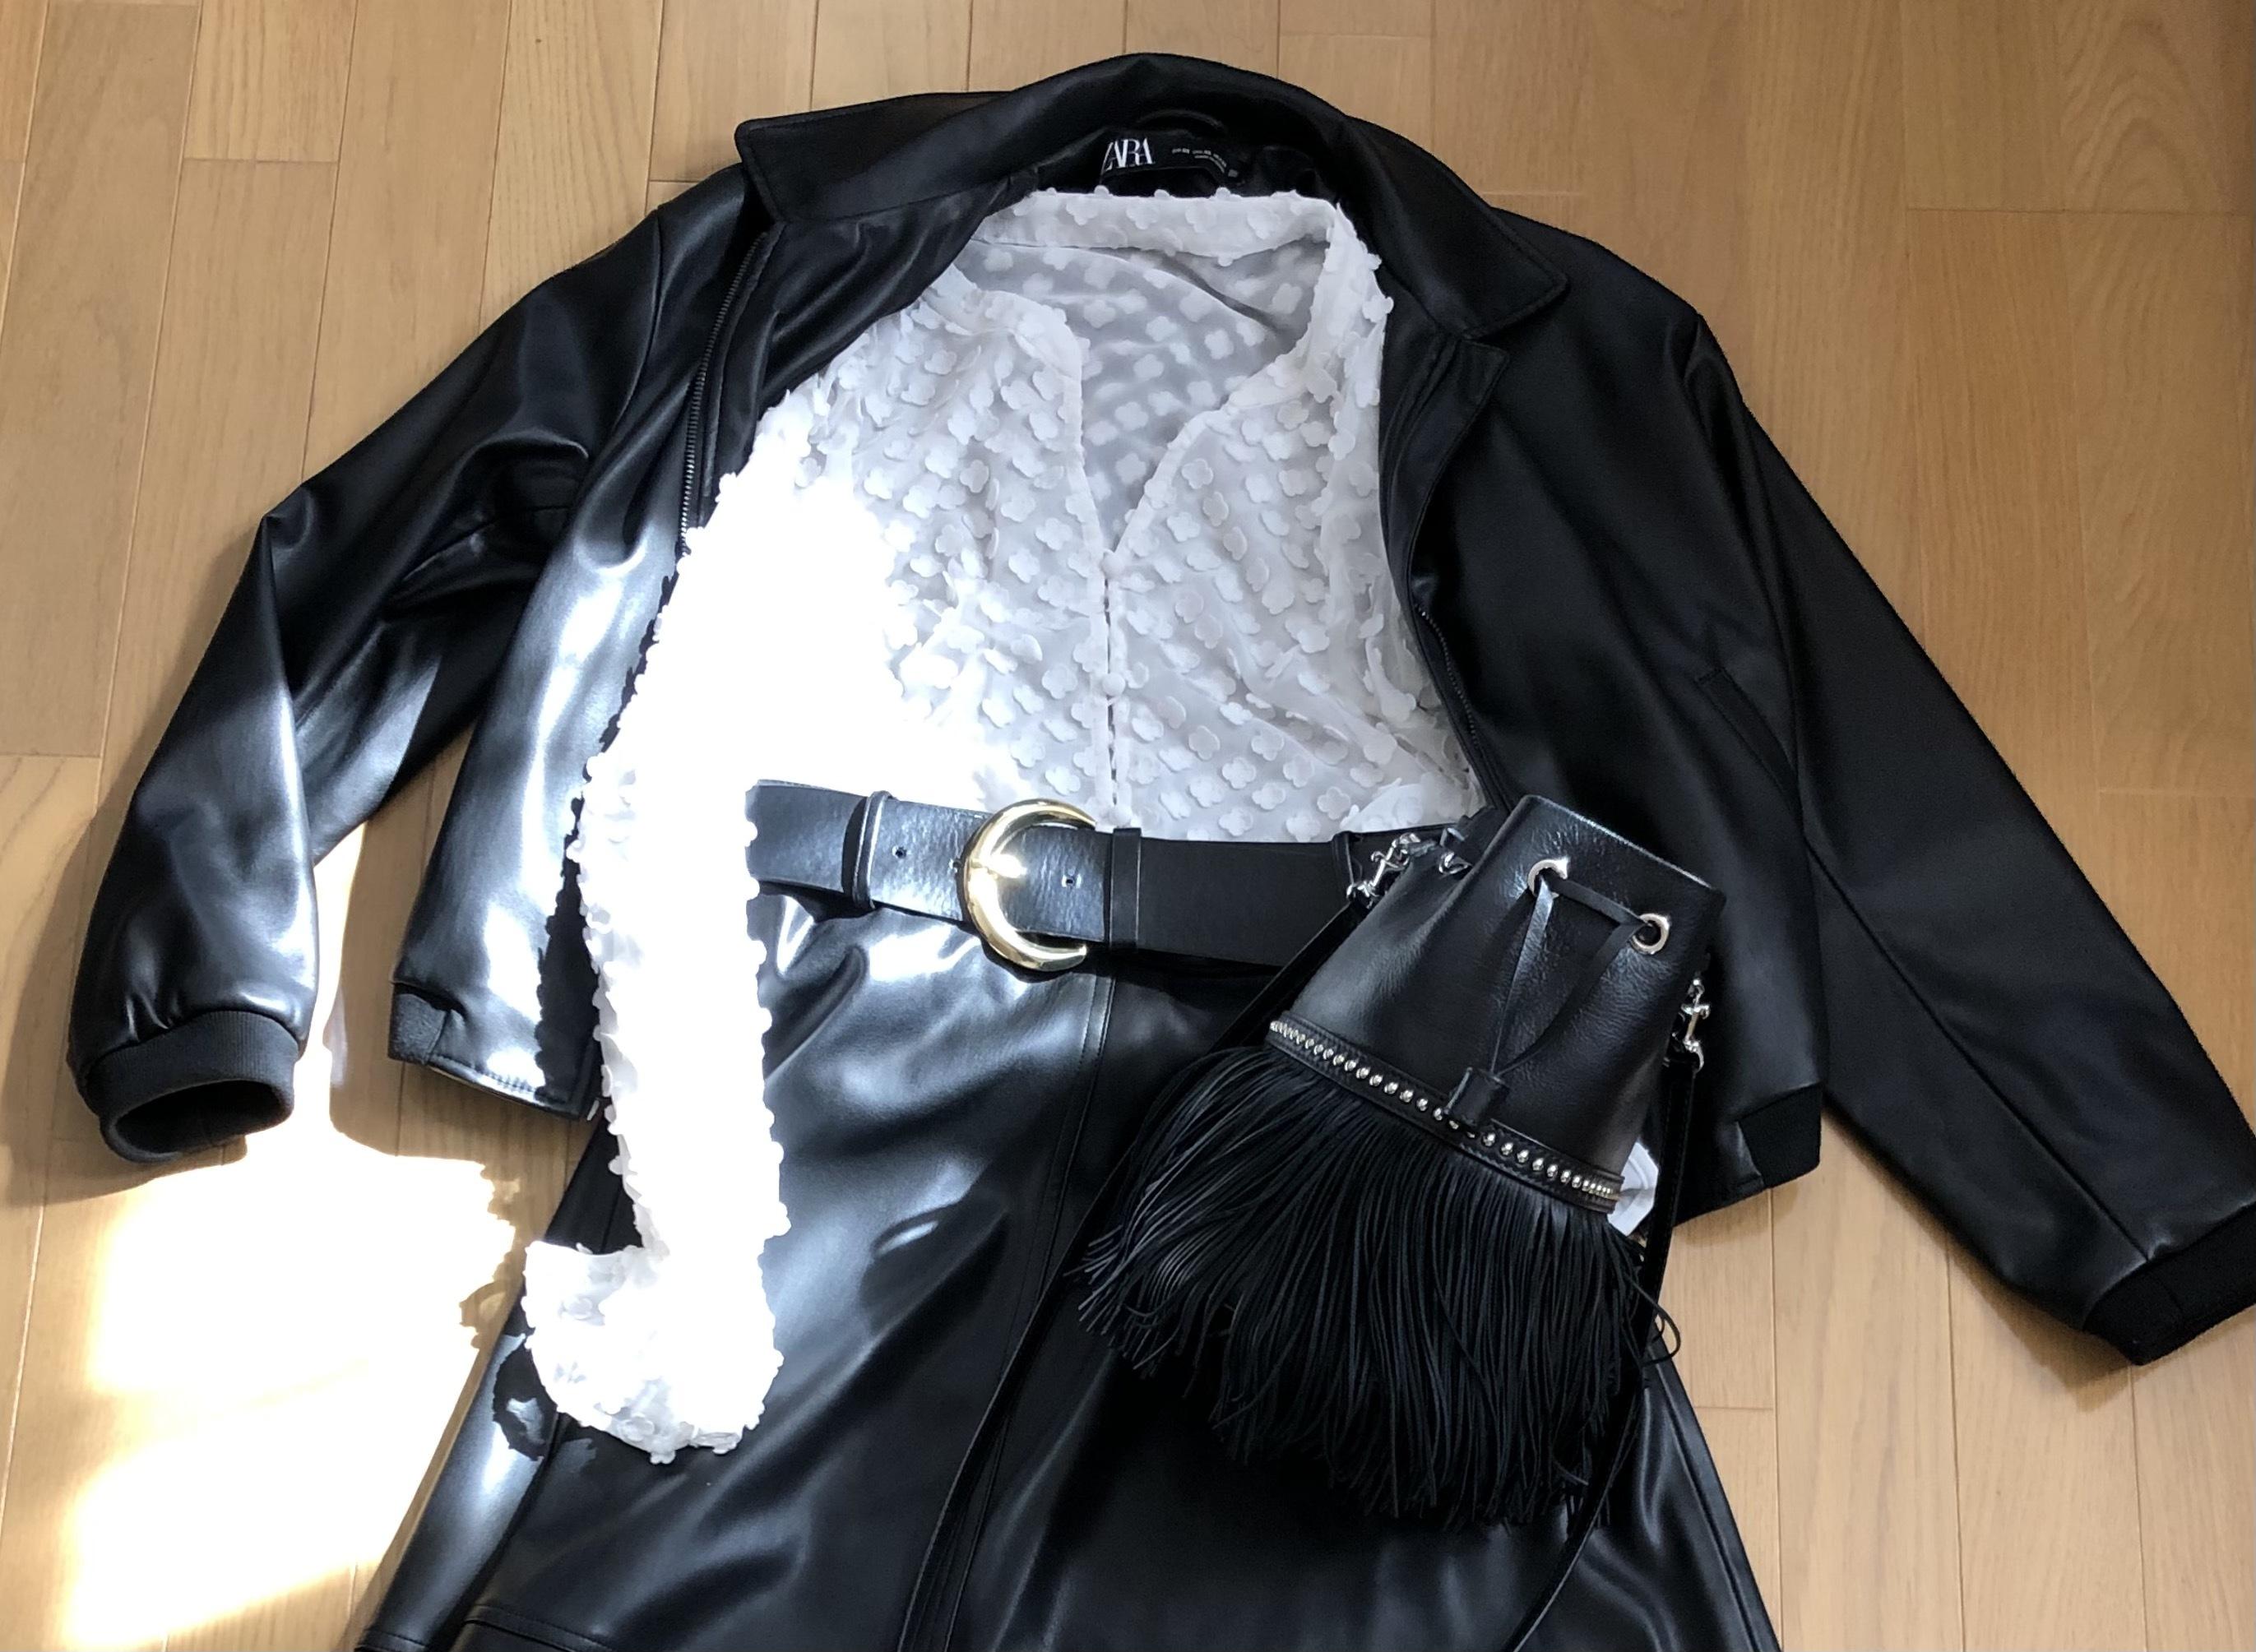 エコレザーショートブルゾン、白色ブラウス、エコレザーベルトスカート